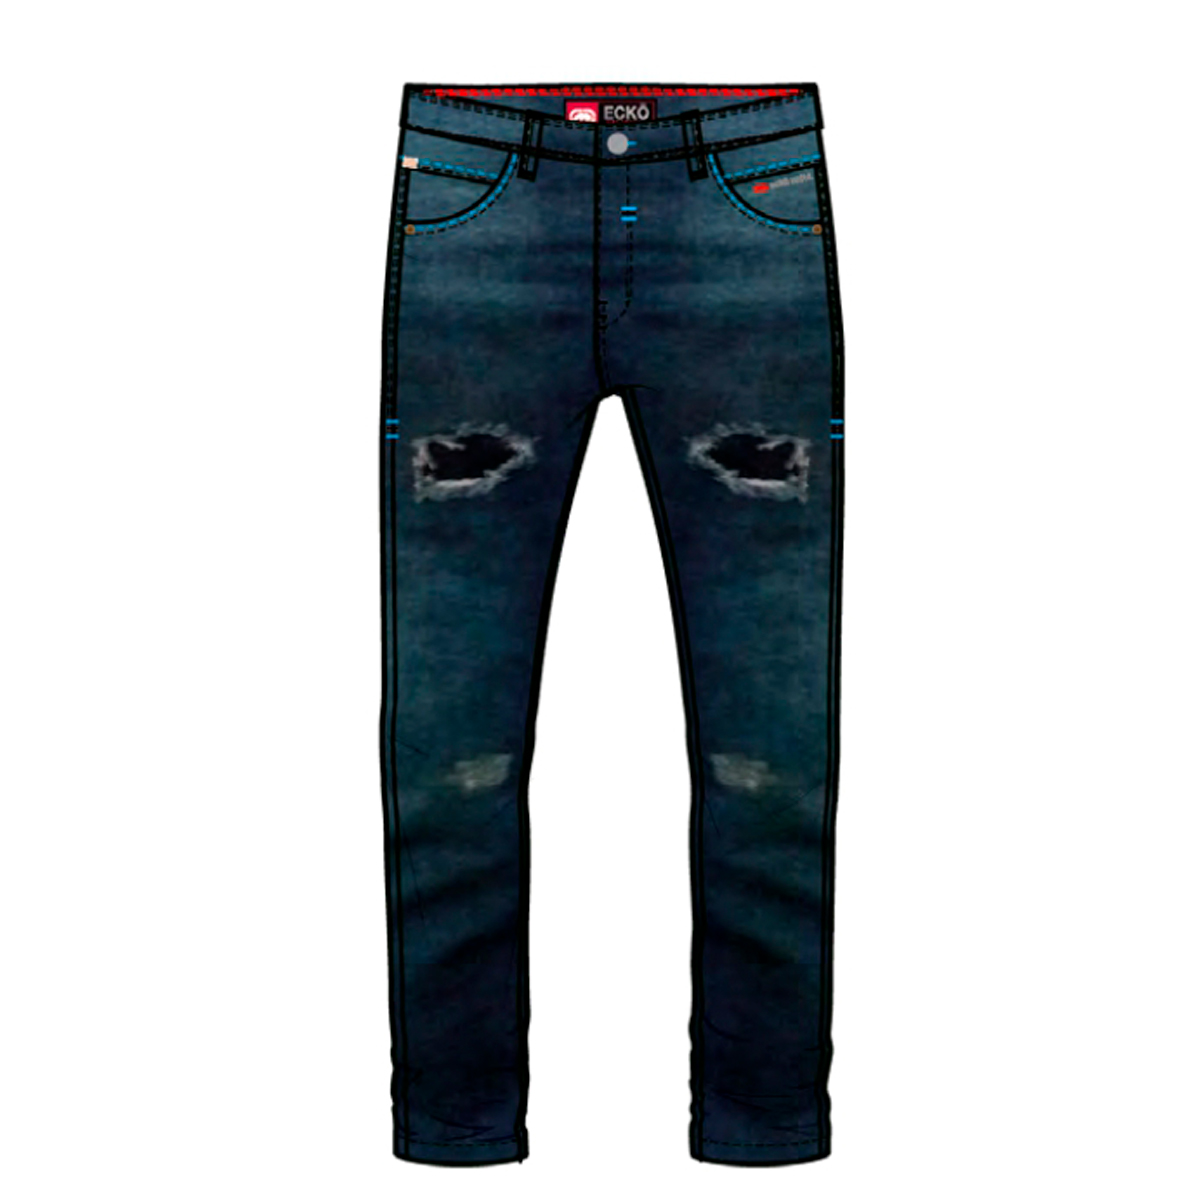 Calça Jeans Masculina Ecko K725A